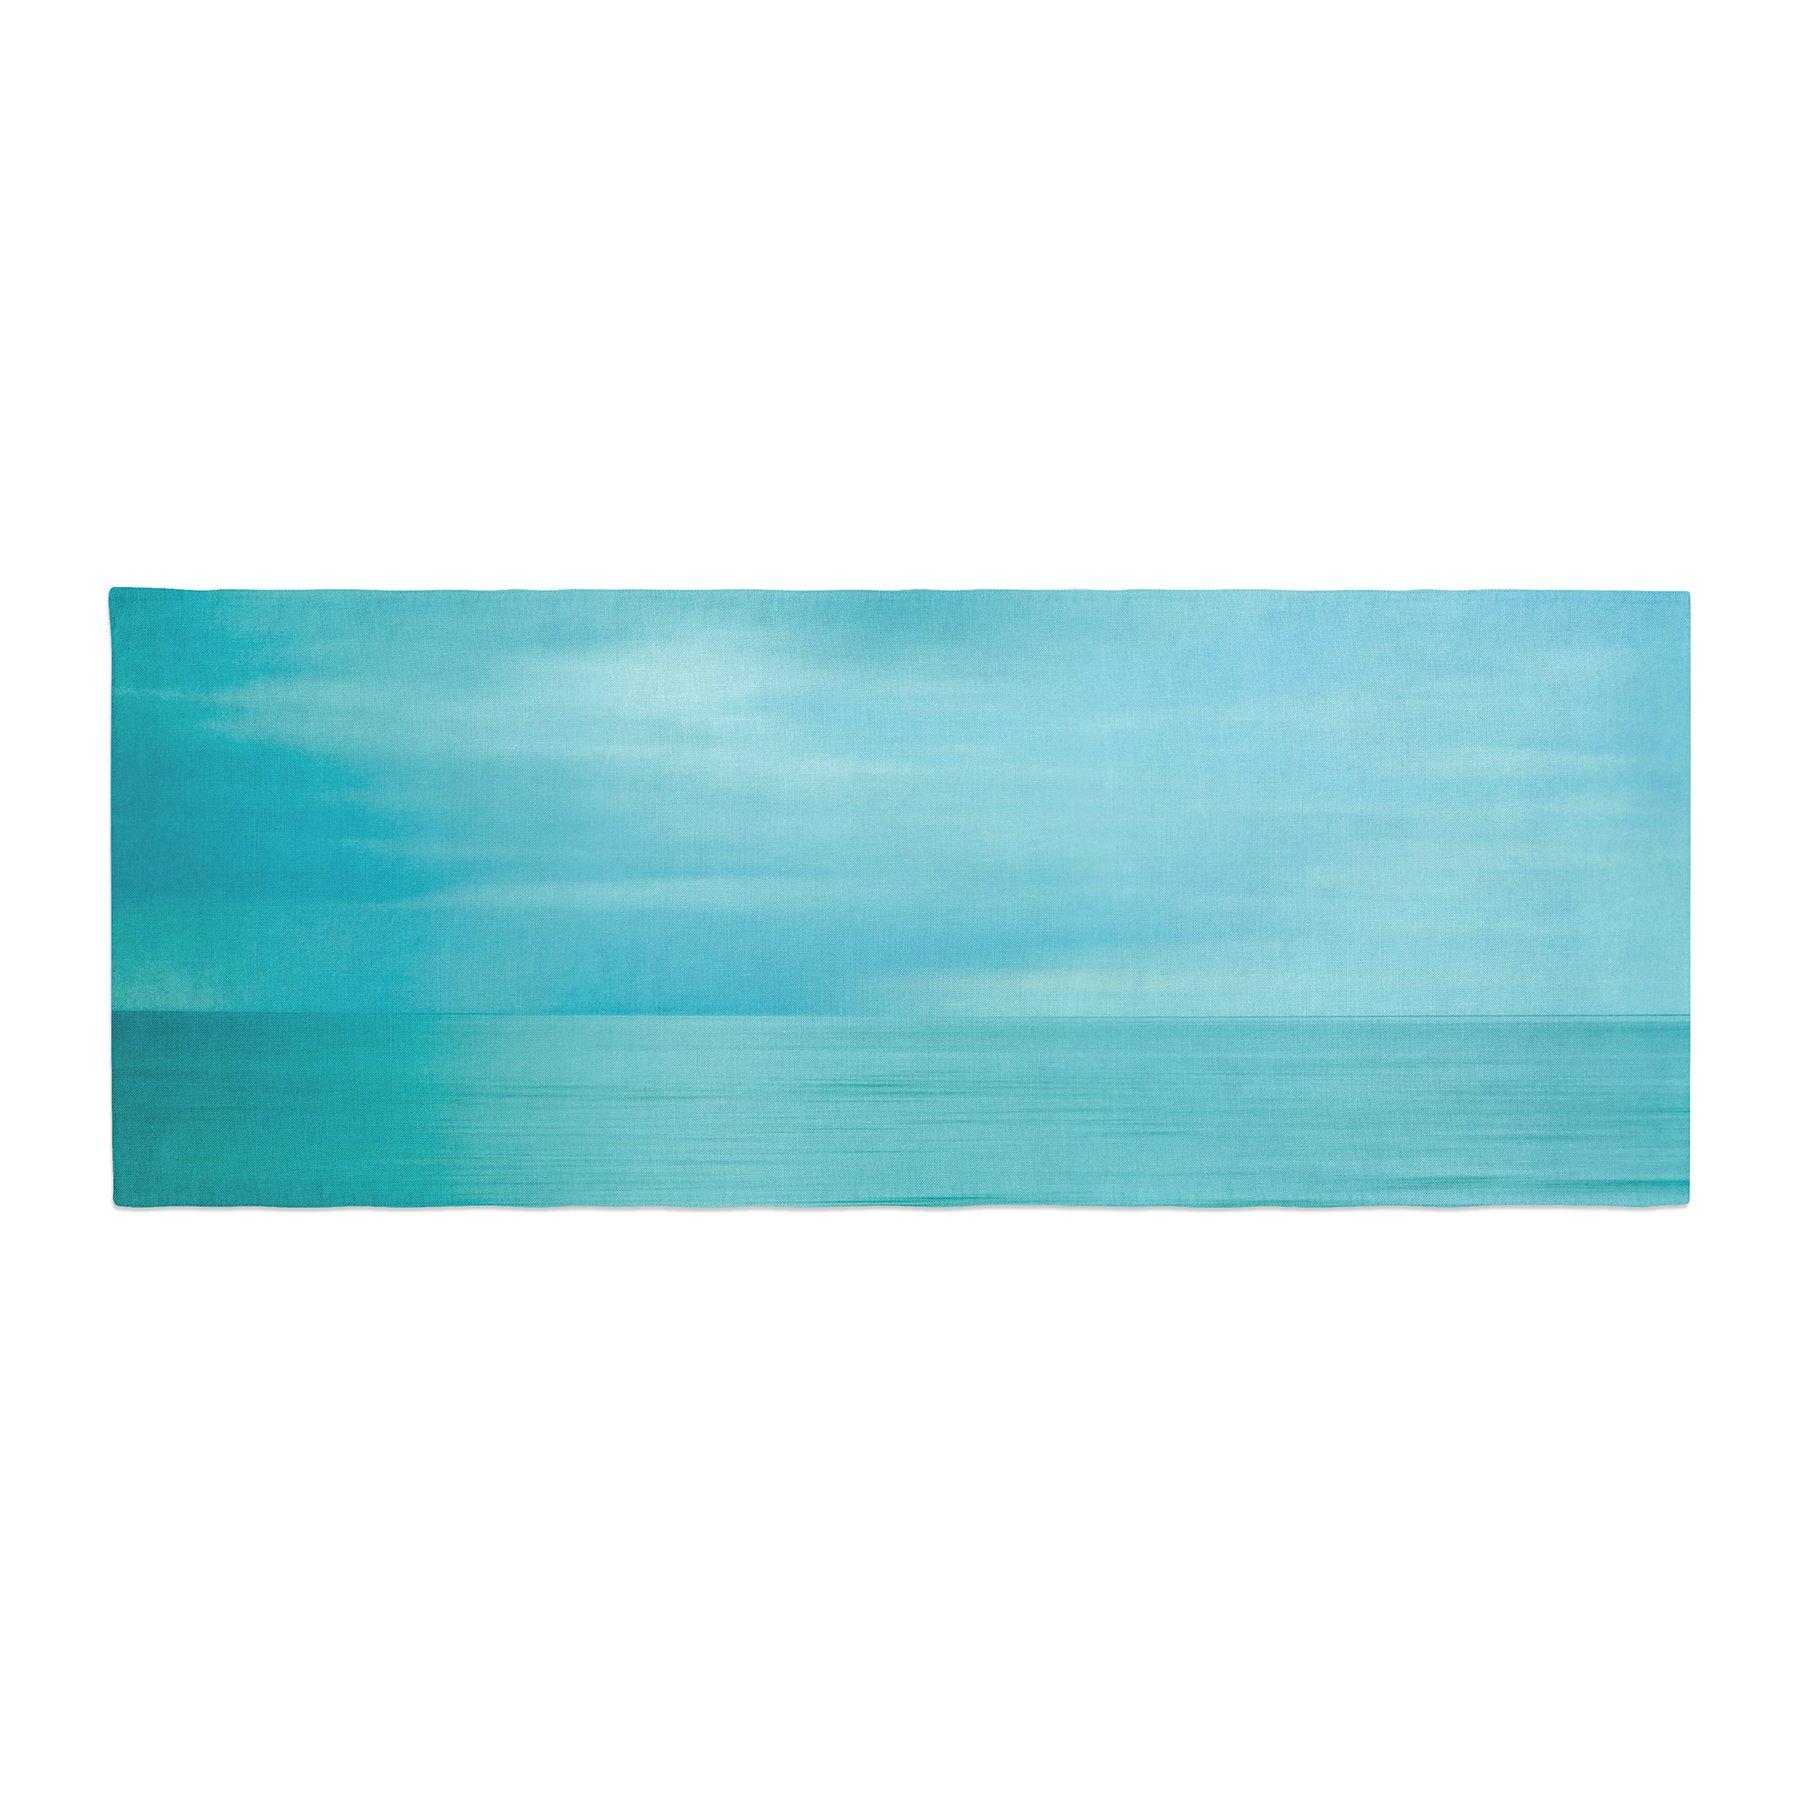 Kess InHouse Iris Lehnhardt Calm Sea Blue Teal Bed Runner, 34'' x 86''